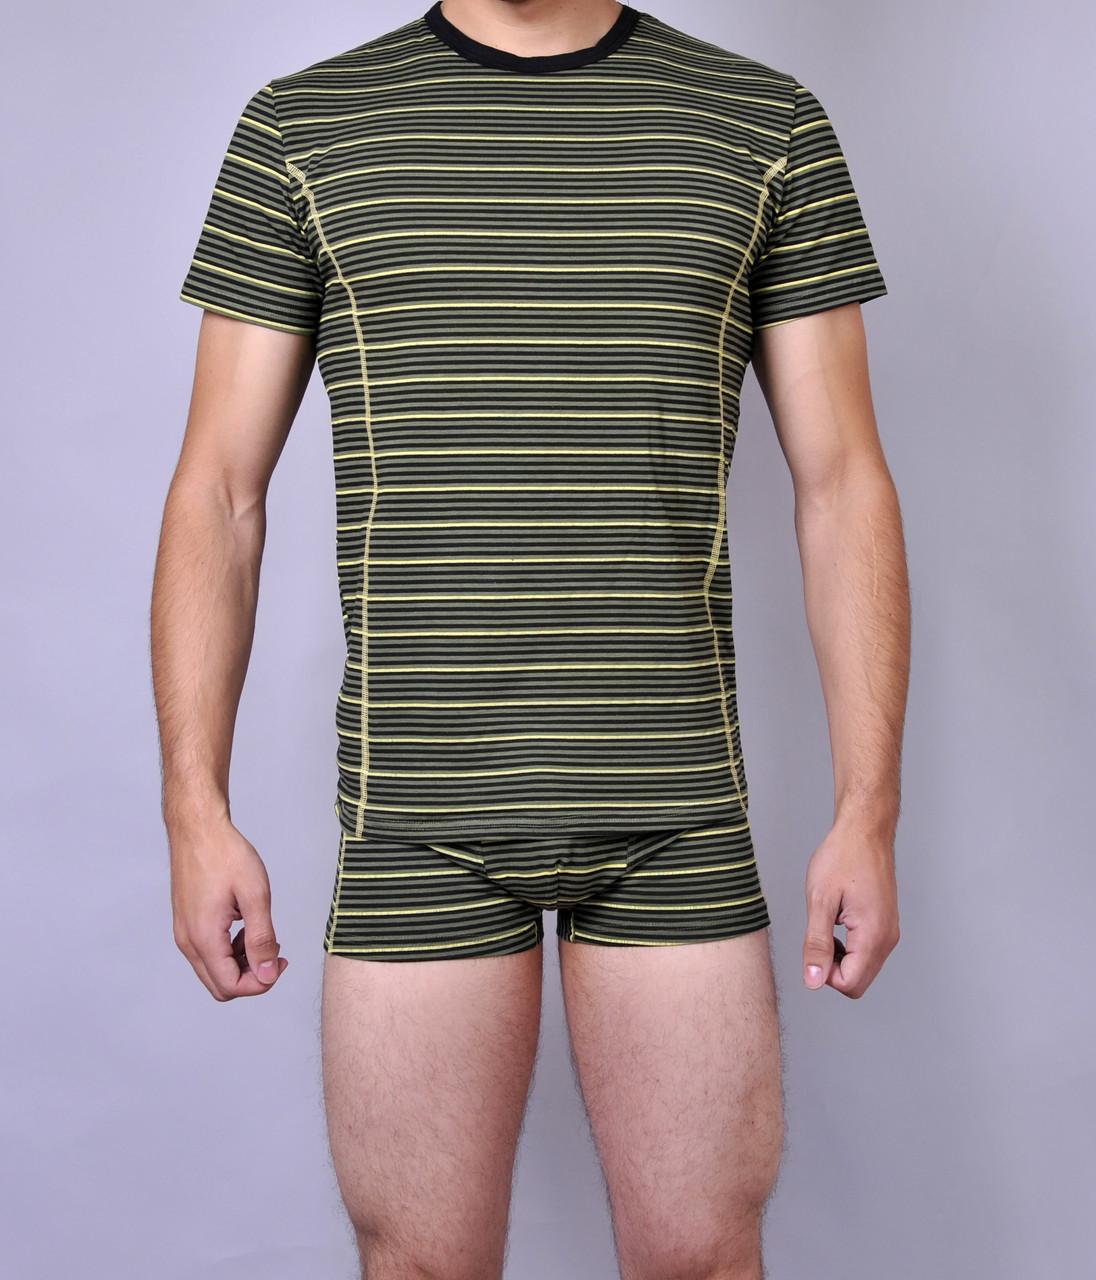 Мужская футболка  C+3 0115 XXL Зеленый